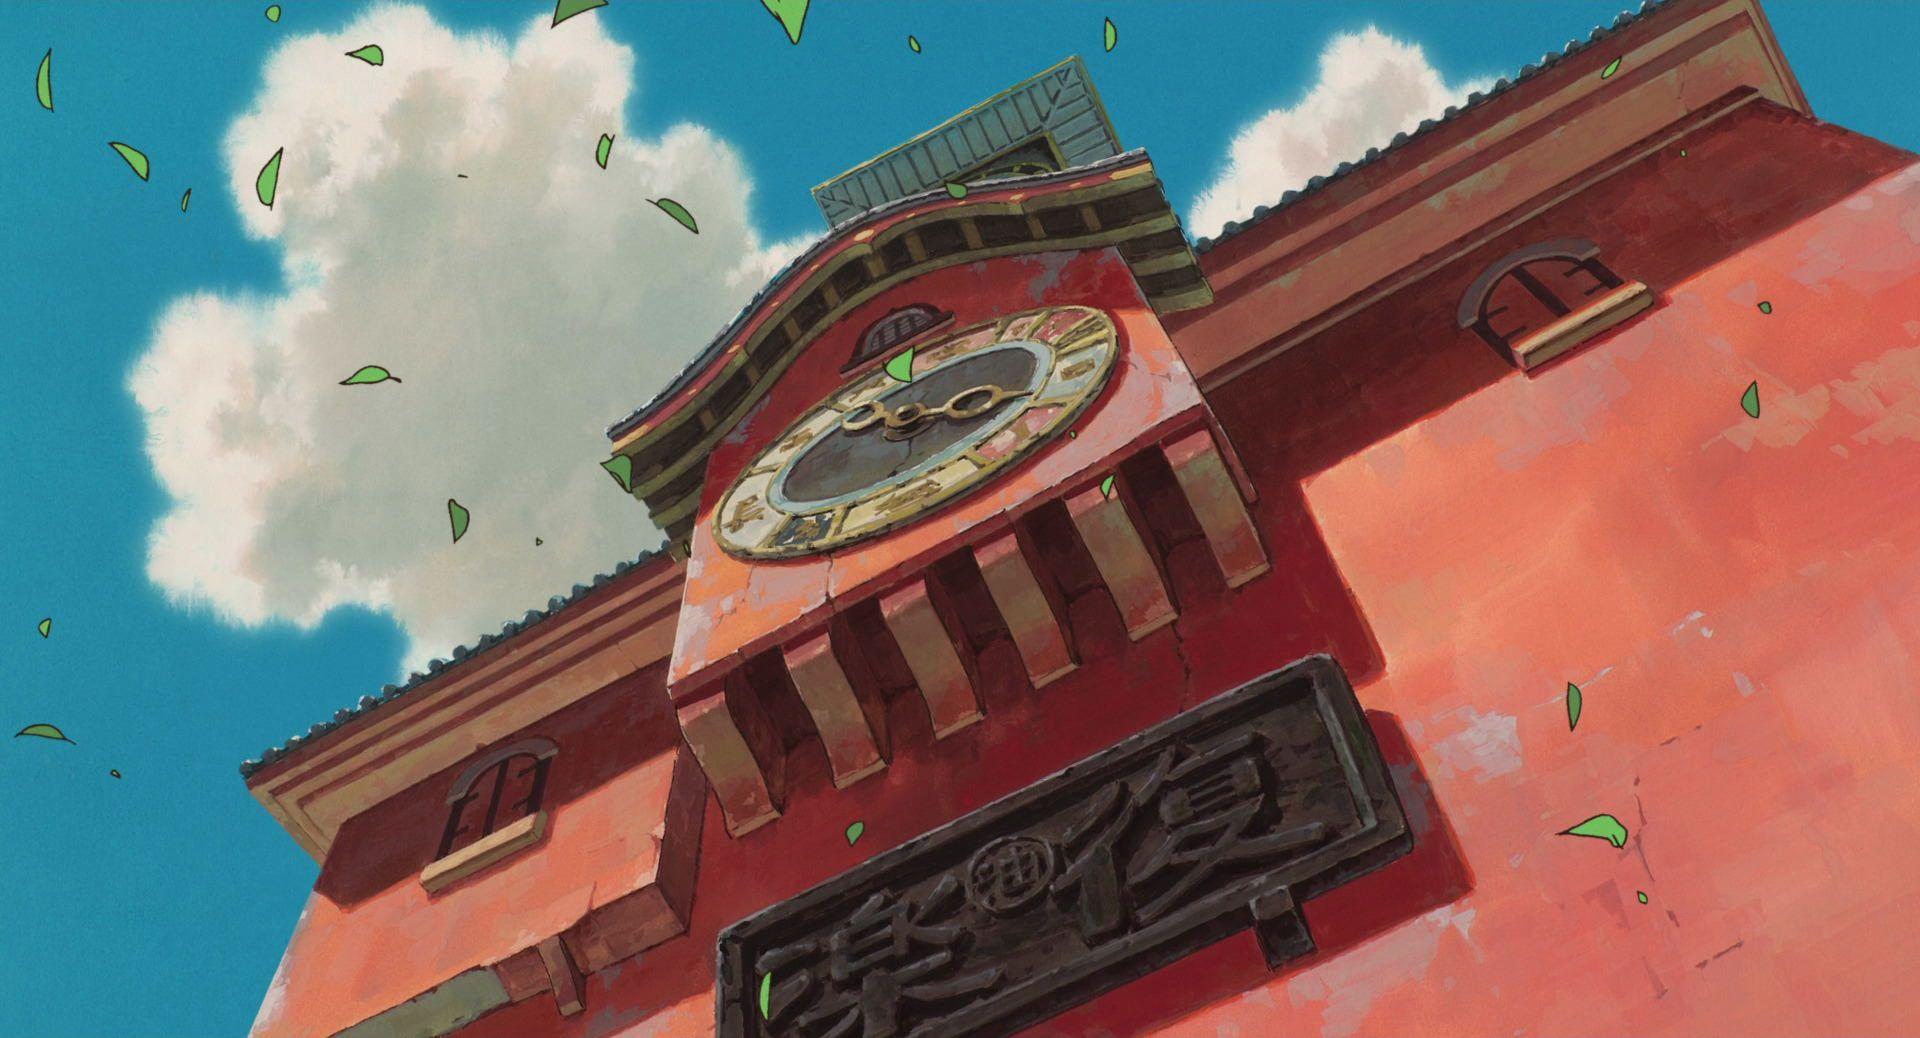 Spirited Away (2001) 1080p アニメの風景, スタジオジブリ, ジブリ イラスト